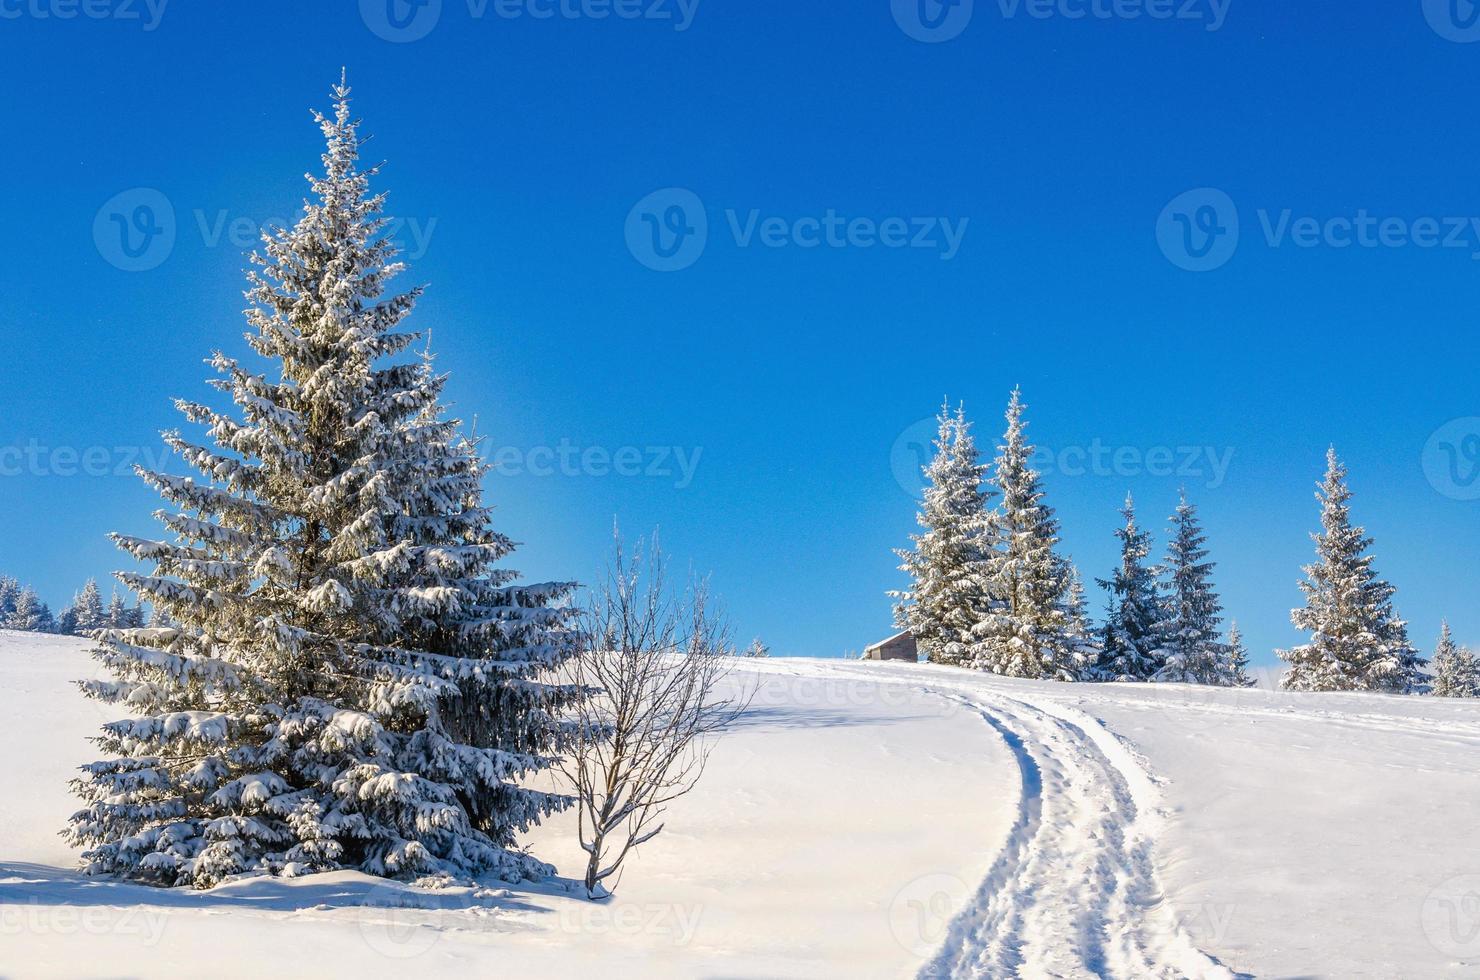 paisaje invernal de cuento de hadas con árboles cubiertos de nieve foto